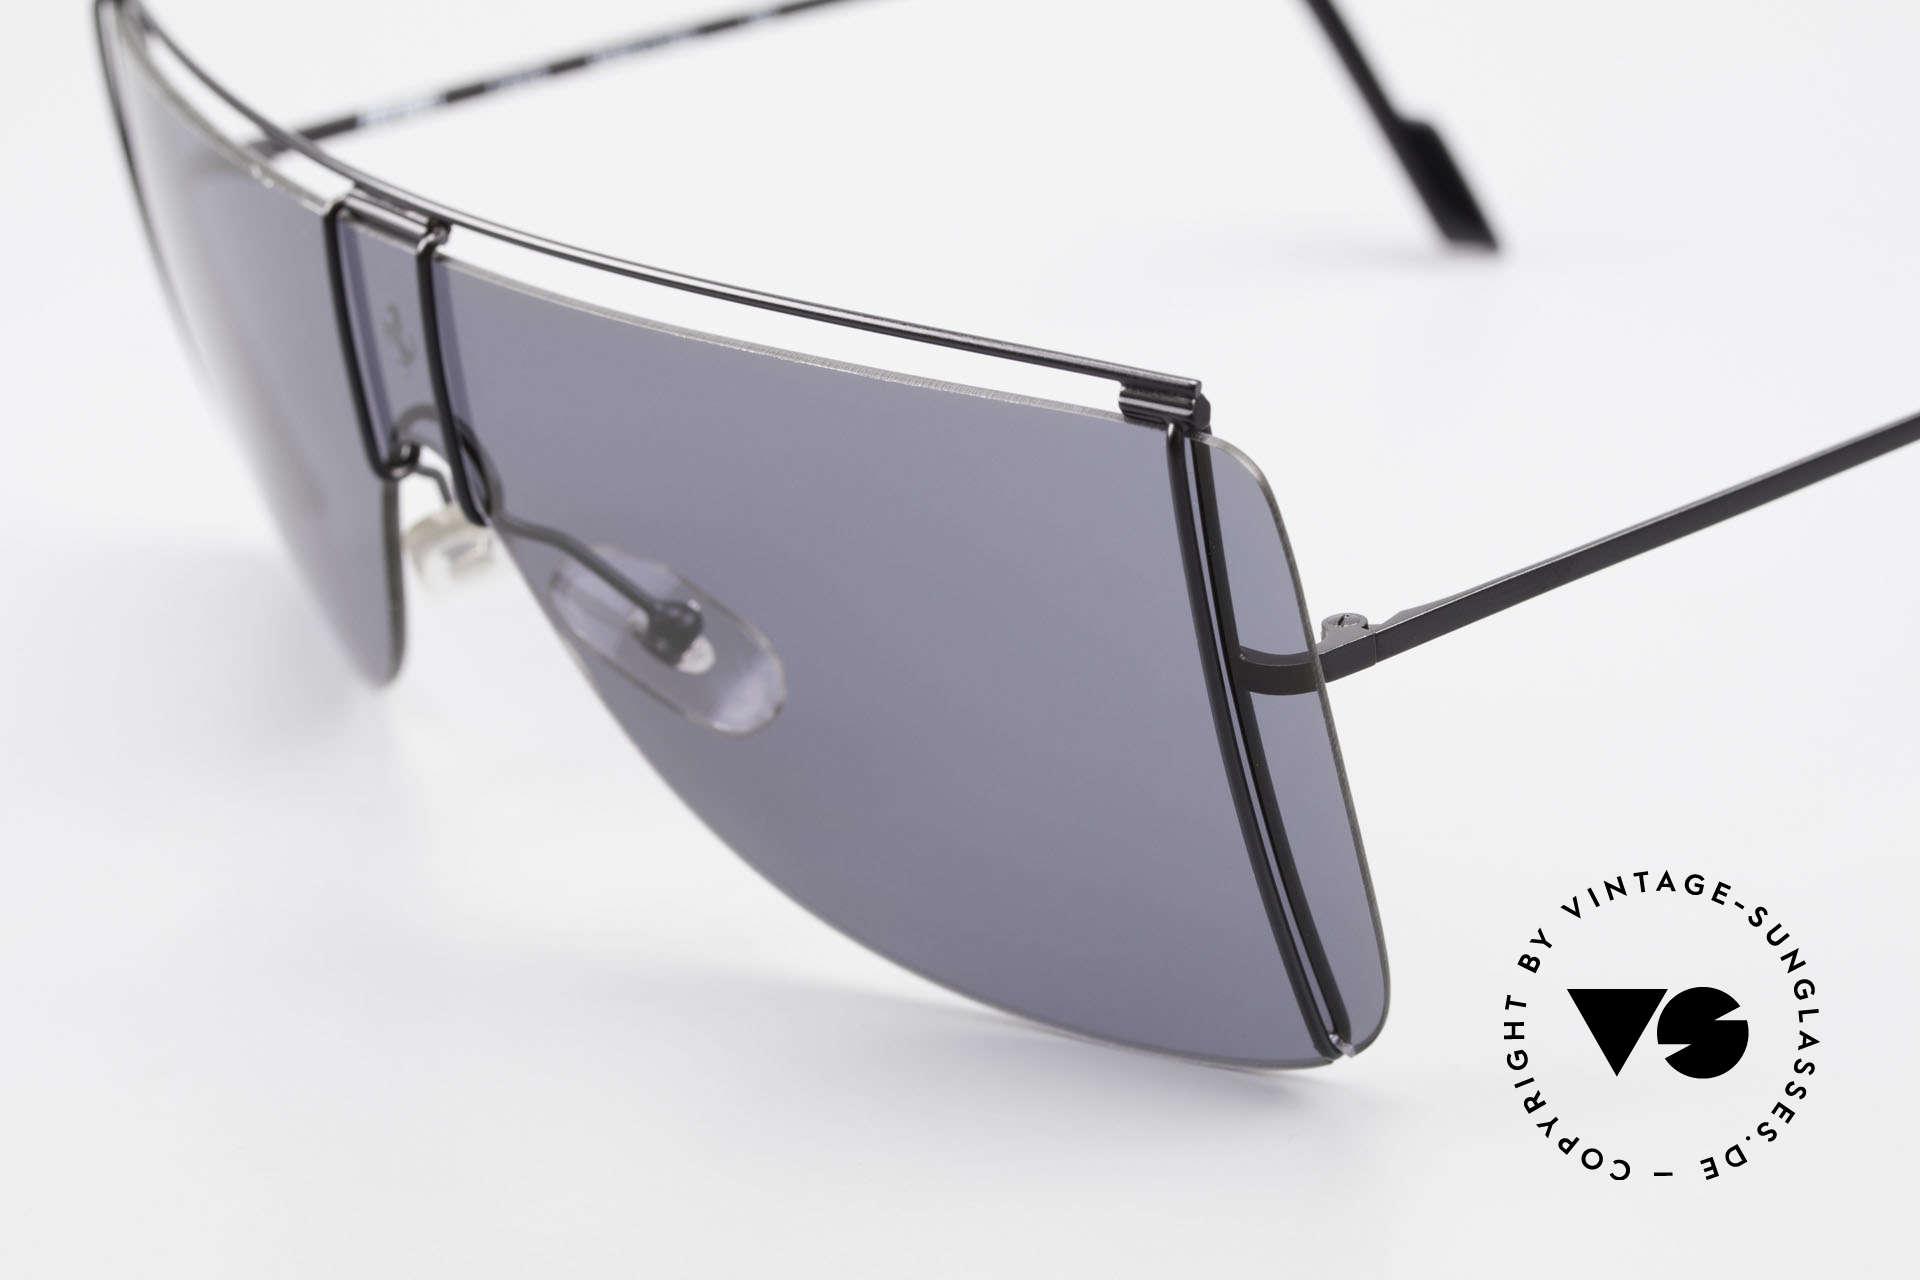 Ferrari F20/S Luxus Sonnenbrille Kylie Jenner, getragen von Kylie Jenner (einfach googeln), Passend für Herren und Damen